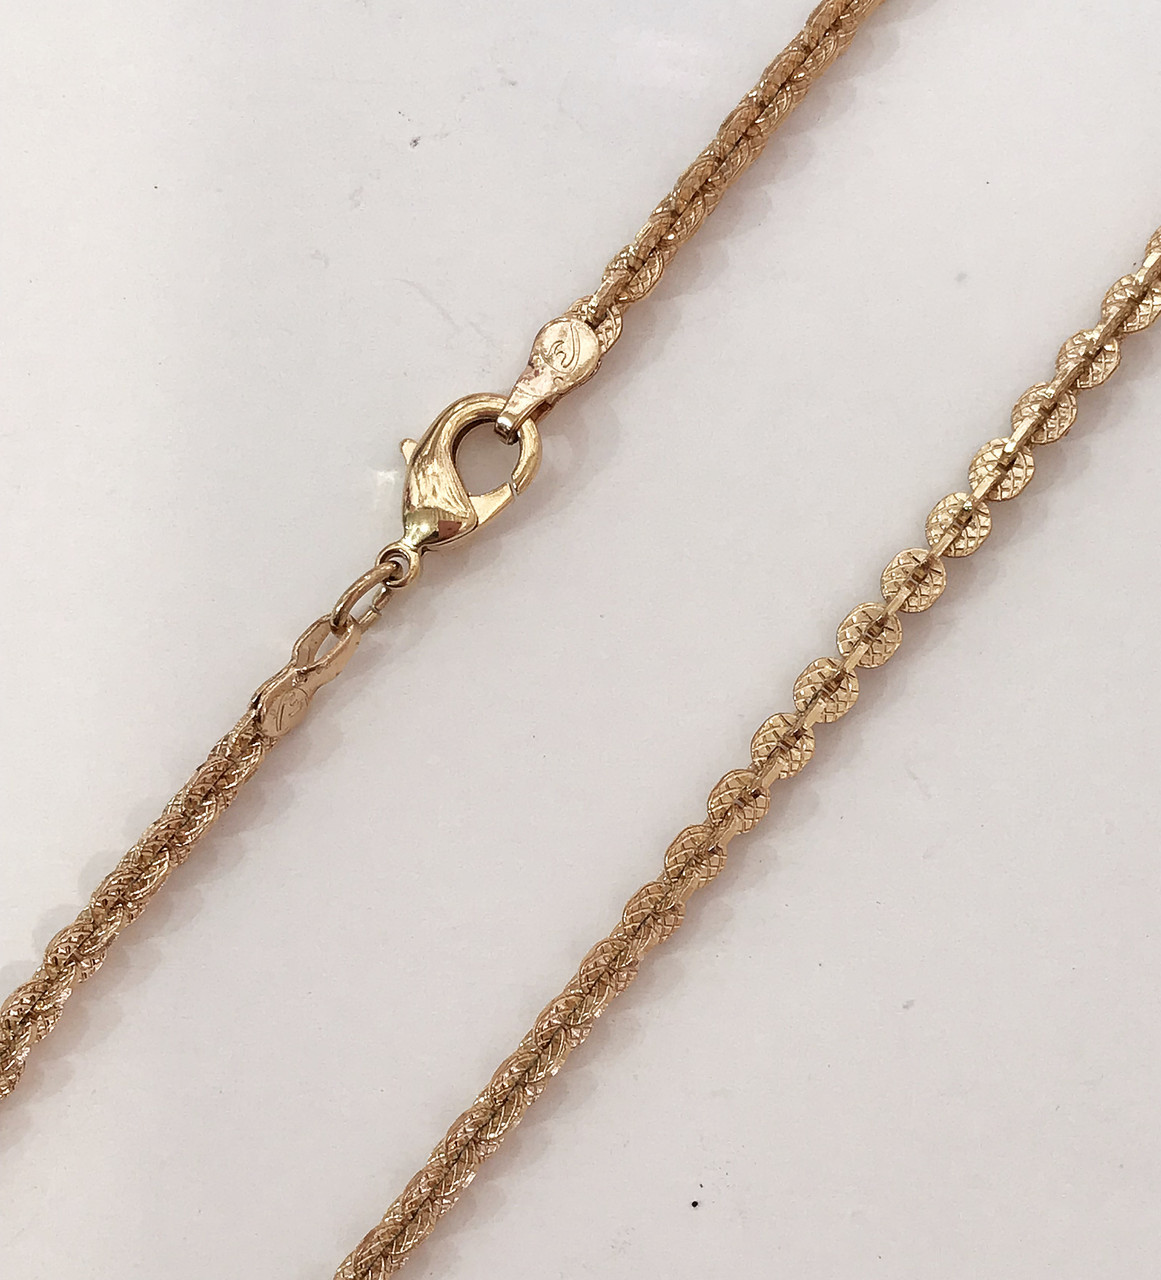 Цепочка плетение Кроча(Венецианское) длина 50 см H-3 мм позолота 18К